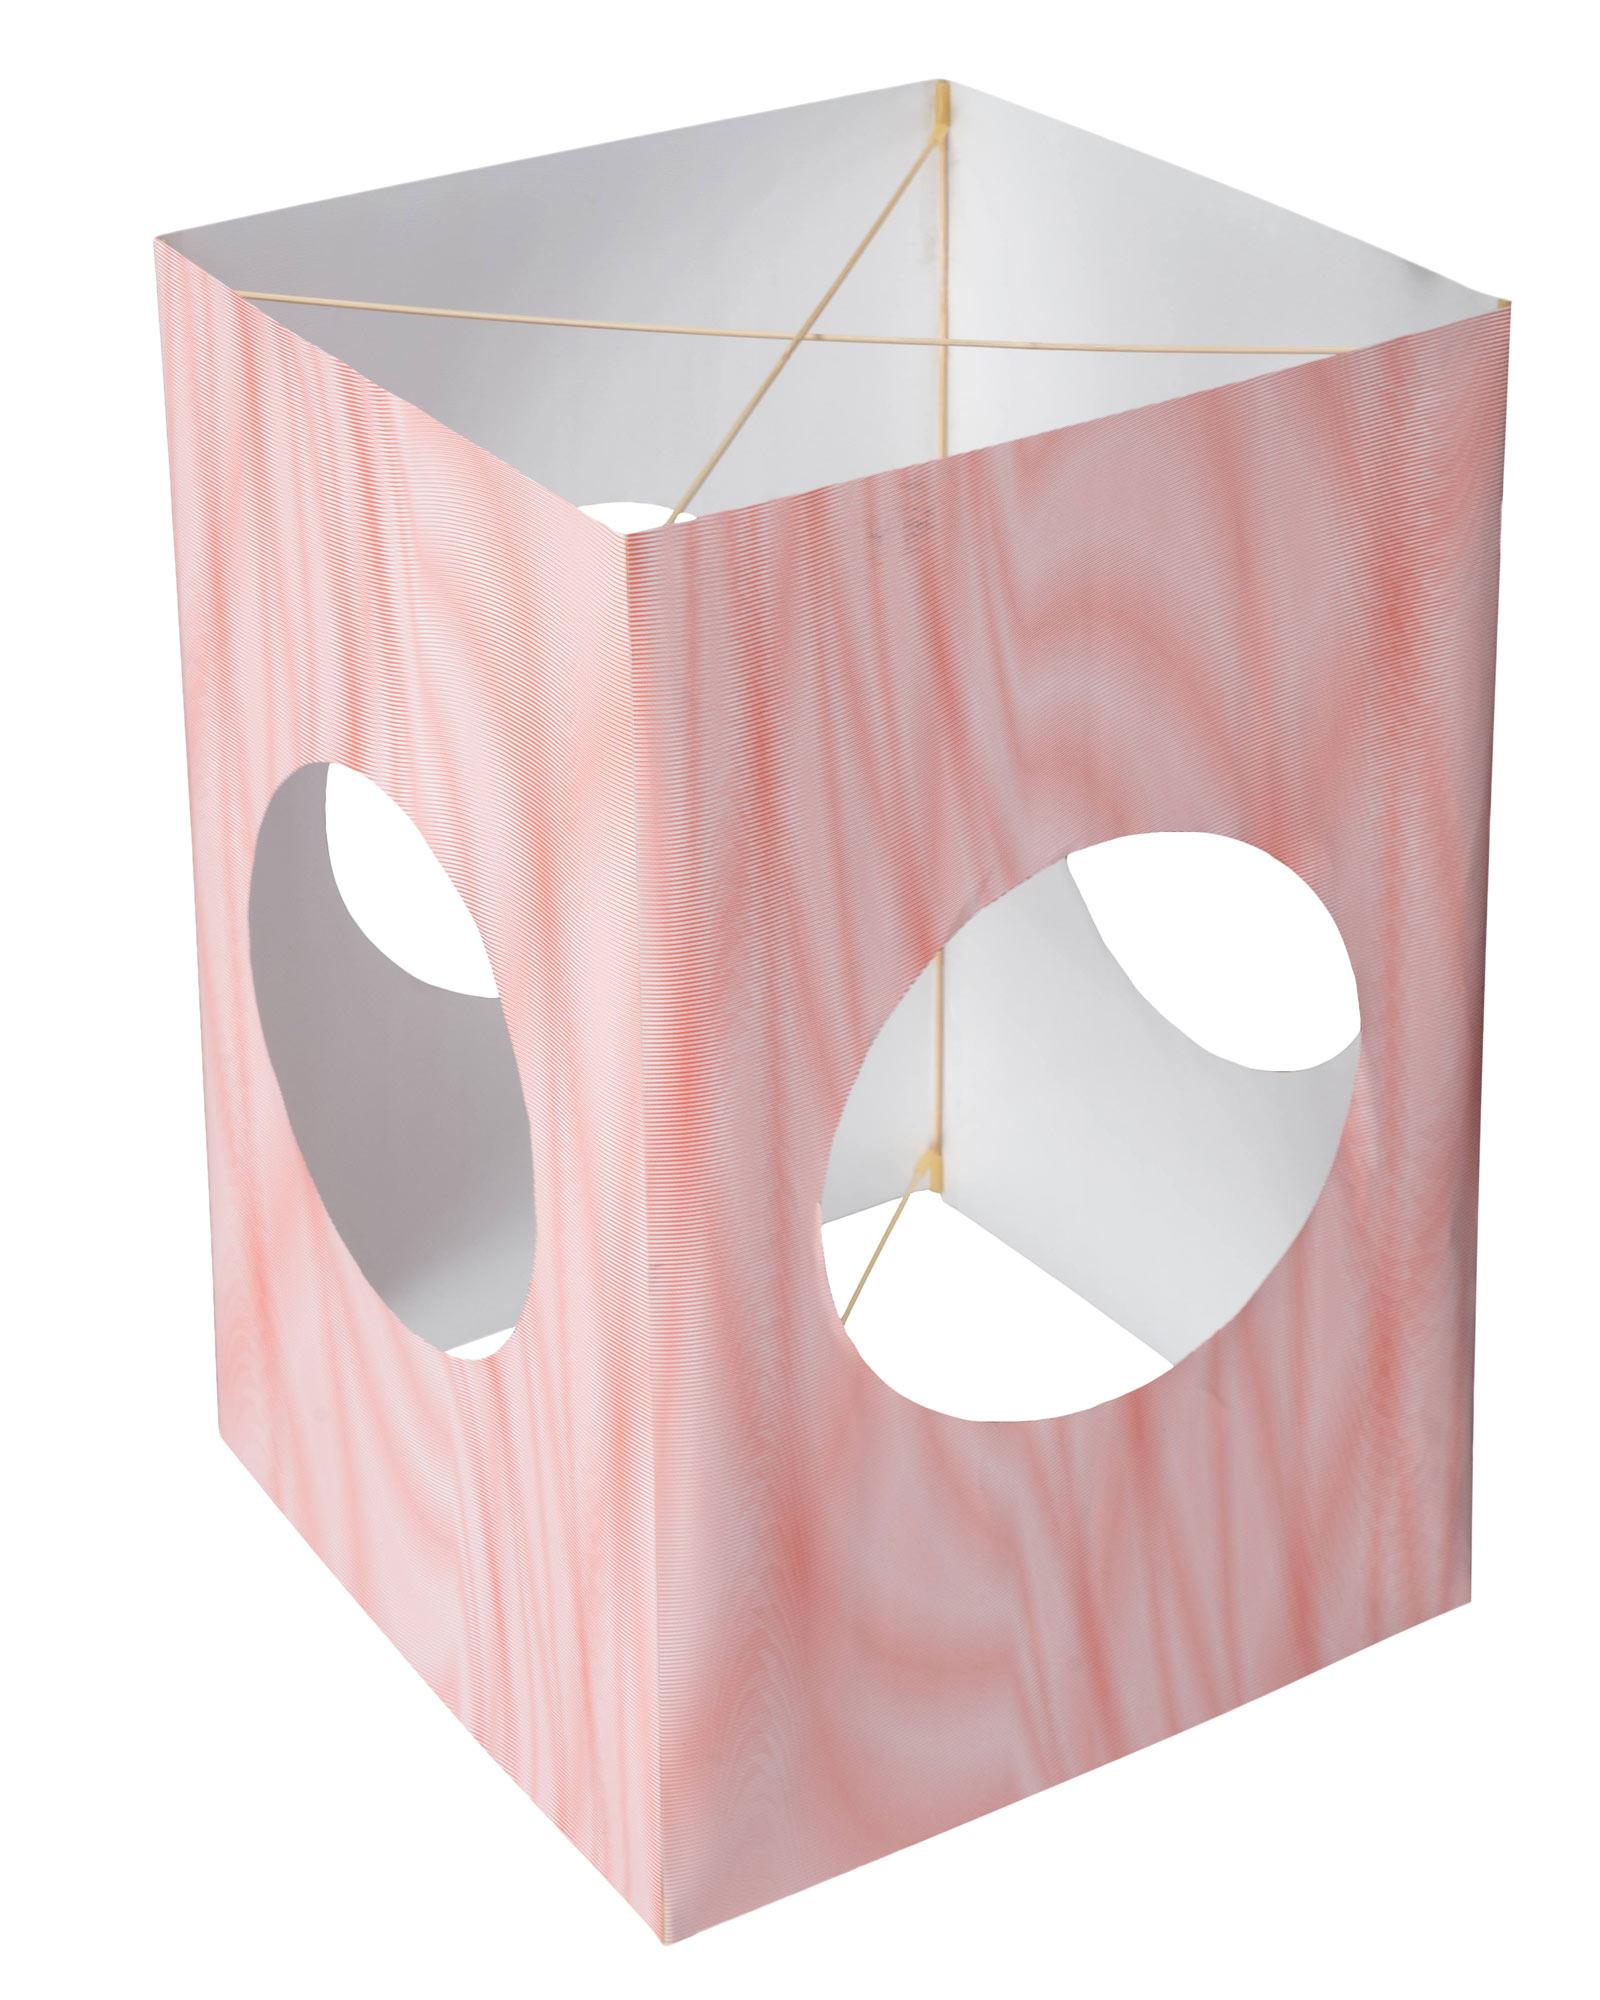 box kite kit hargrave